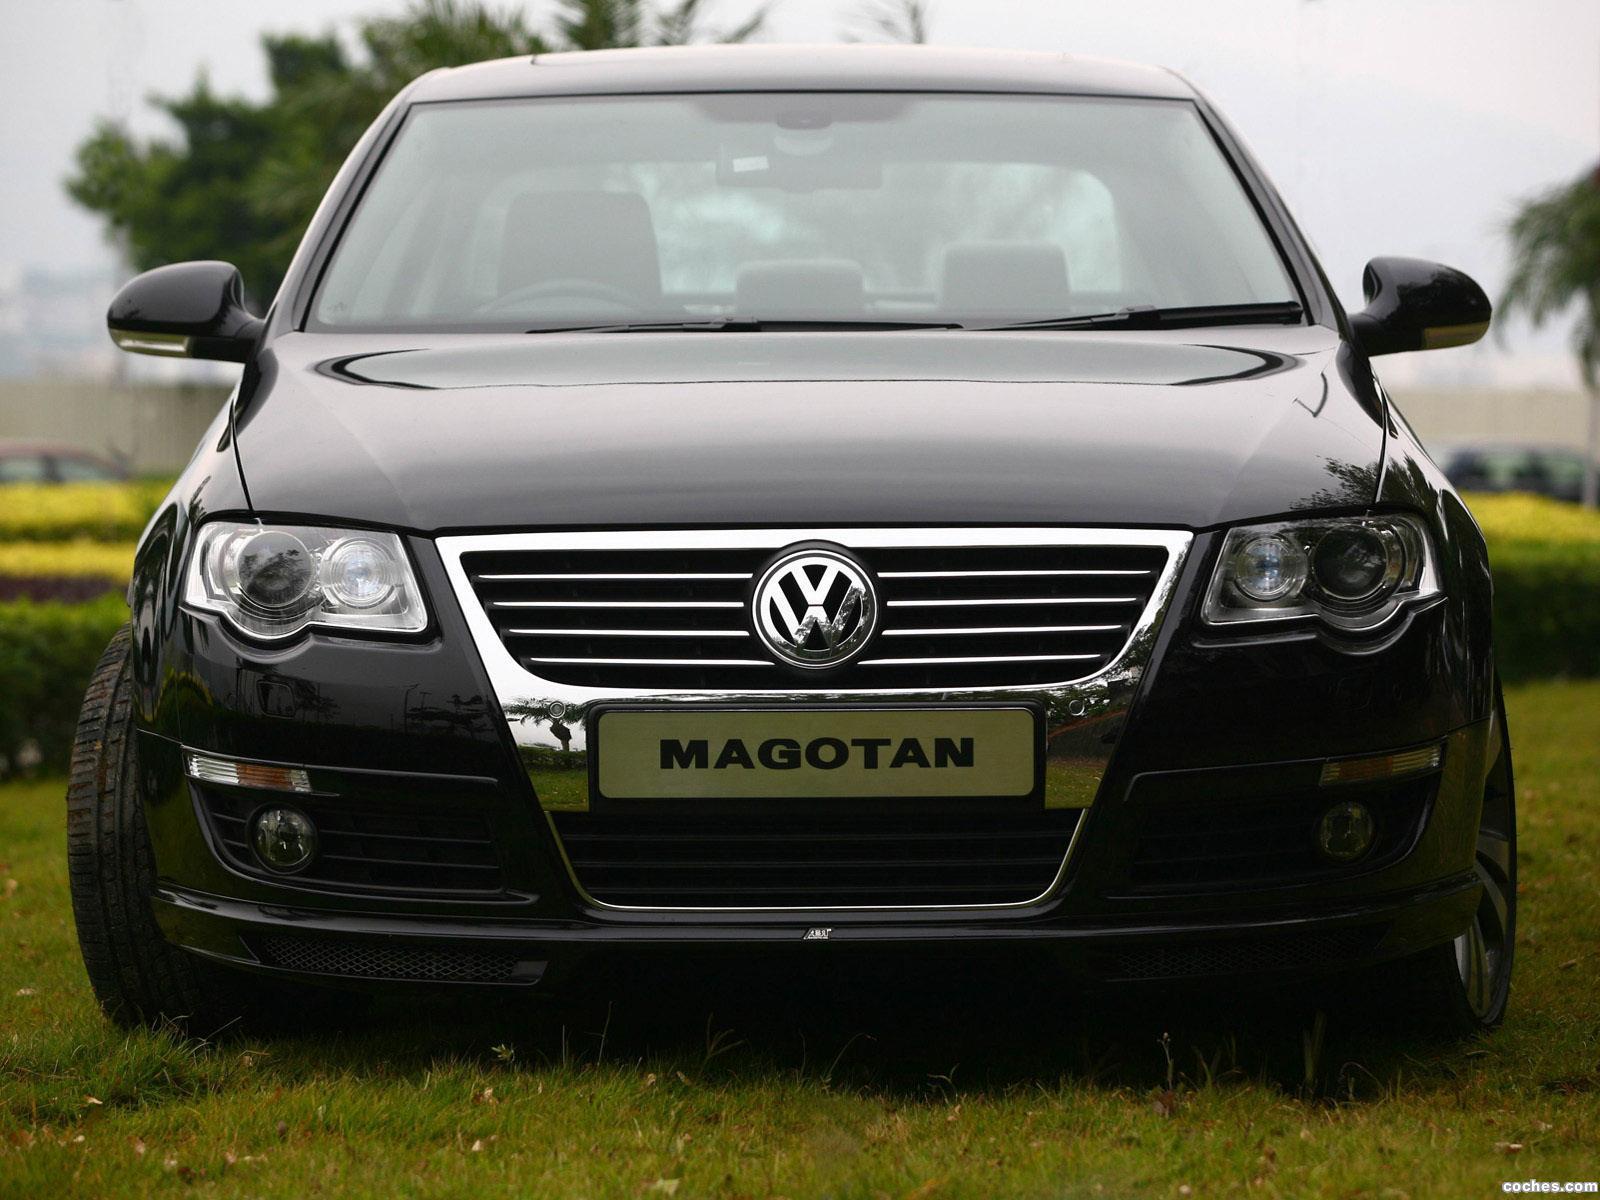 Foto 0 de Volkswagen ABT Magotan China 2007